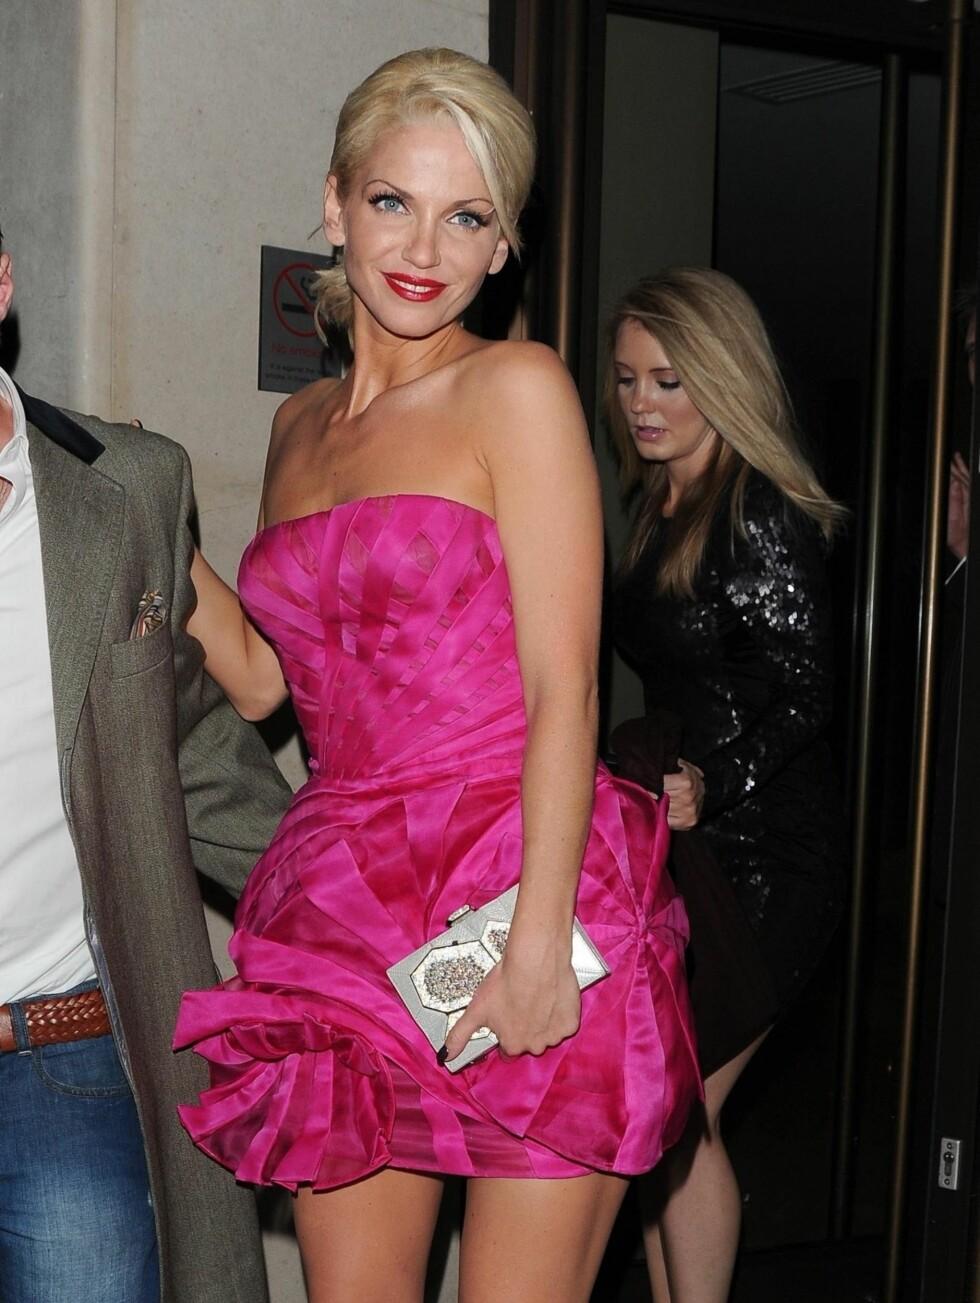 BYTTET KJOLE: Sarah Harding byttet kjole senere på kvelden, i anledning etterfesten. Foto: Stella Pictures